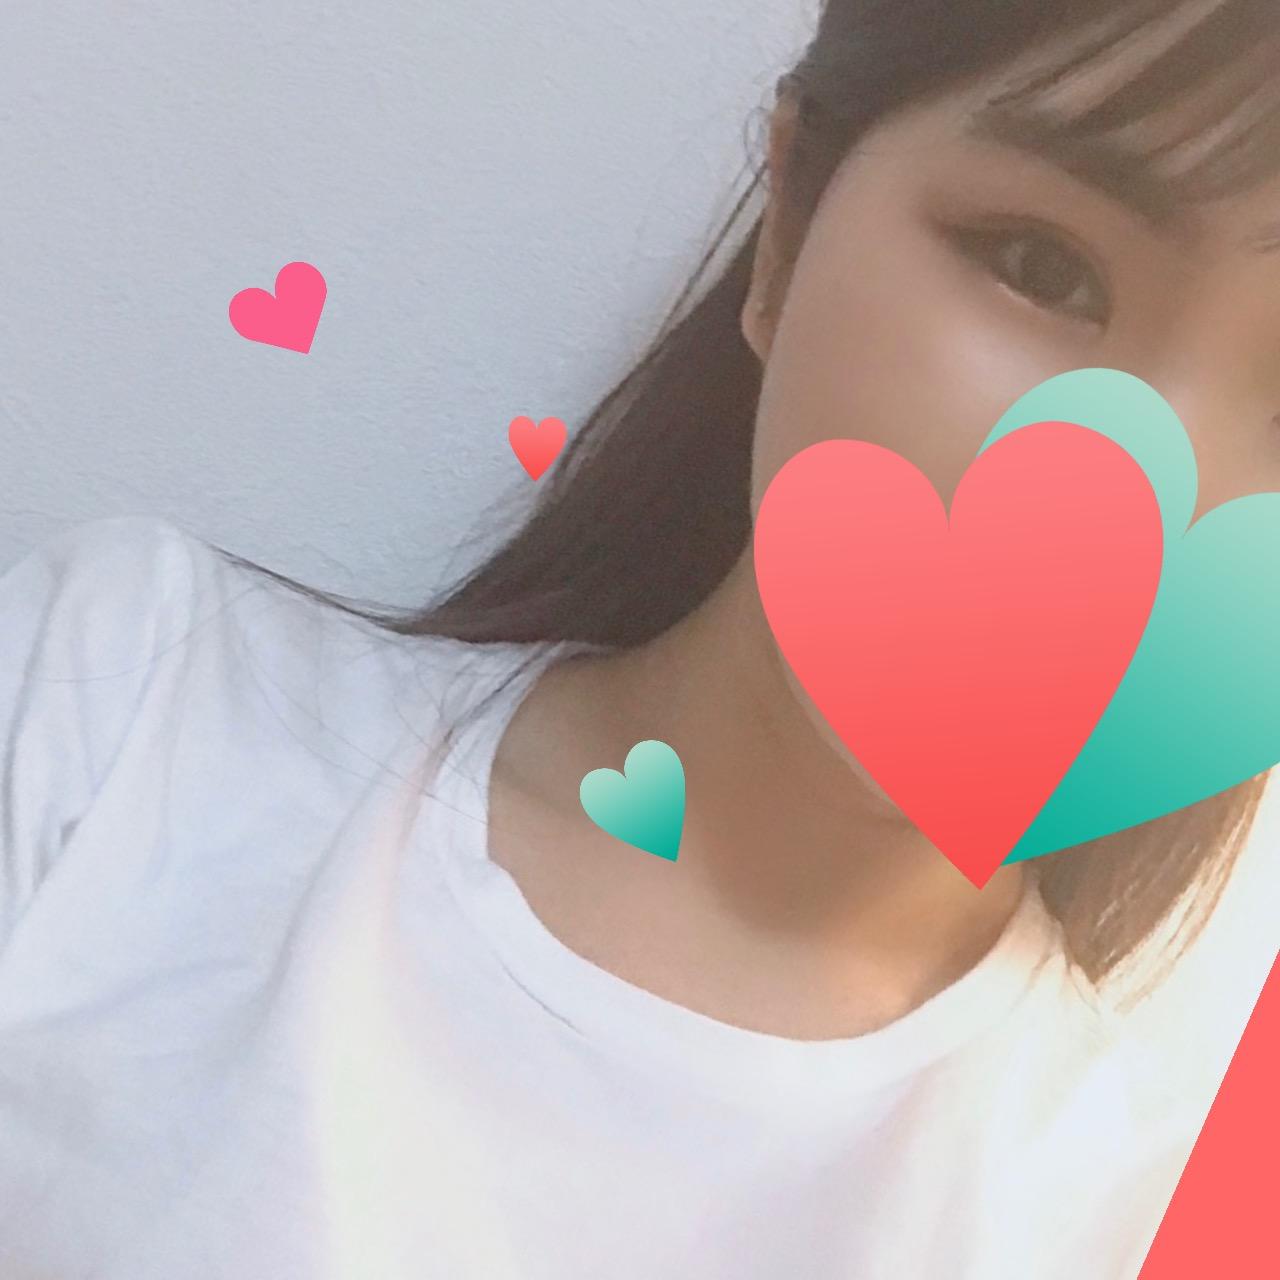 ゆあ(24)【大和撫子♪包み込みたくなるような可愛さ♡】